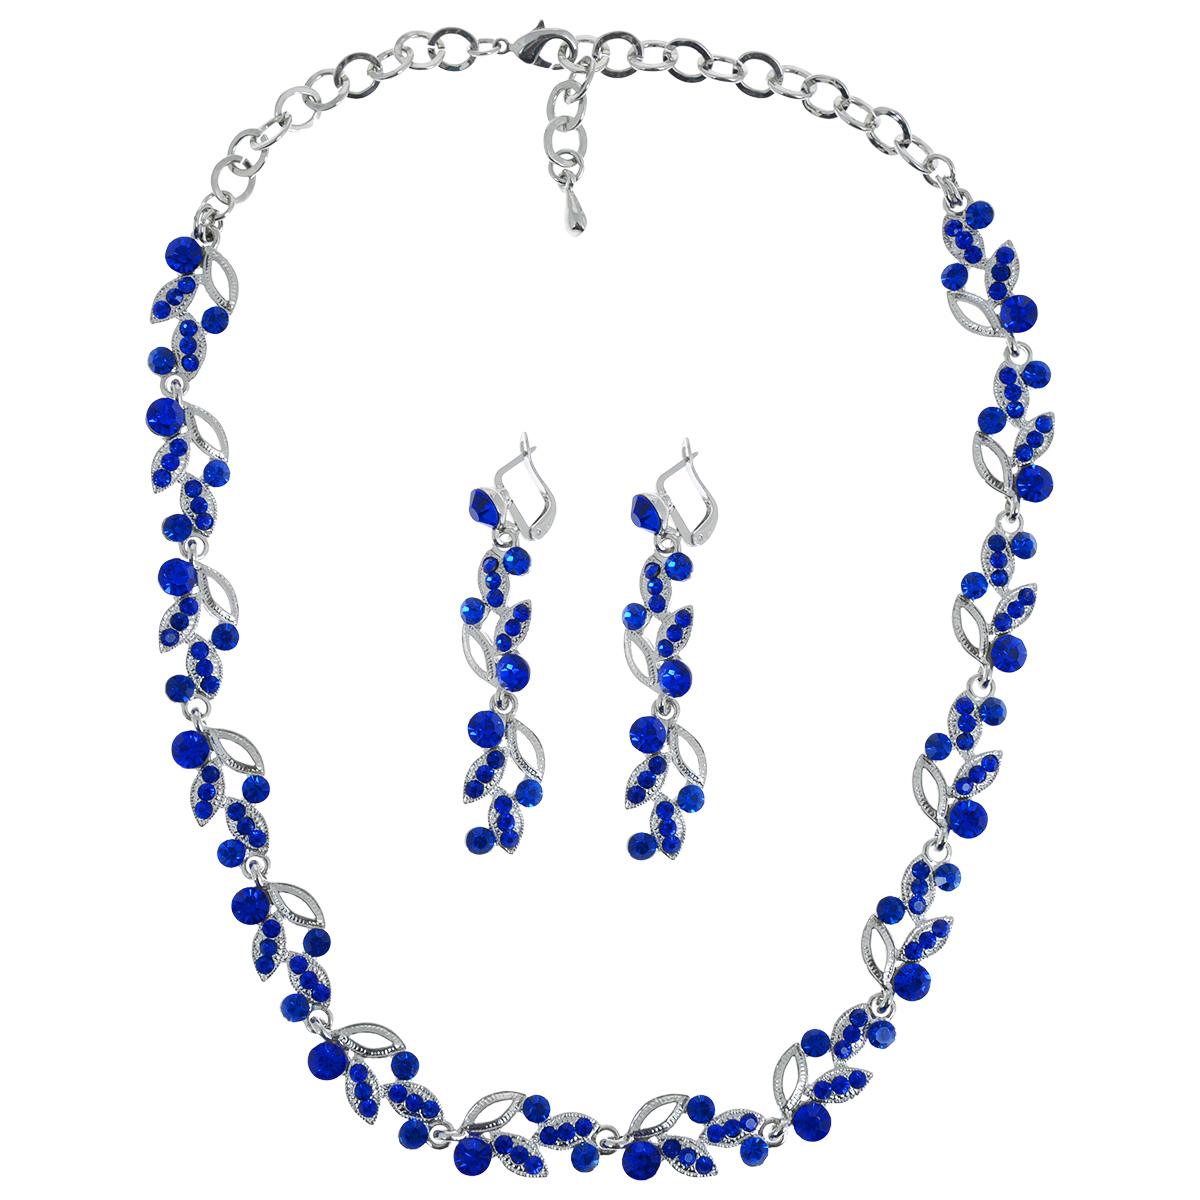 Набор Taya: колье, серьги, цвет: серебристый, темно-синий. T-B-9542T-B-9542-SET-D.BLUEОригинальный набор Taya, выполненный из гипоаллергенного сплава на основе латуни, состоит из колье и сережек в классическом стиле. Серьги выполнены из металла в виде ветви с устремленными вверх и вниз лепестками, которые декорированы стразами синего цвета. Колье представляет собой цепочку с похожей ветвью лепестков, дополненной стразами синего цвета. Оно снабжено надежной застежкой карабин и удлиняющей размер цепочкой. Английский замок обеспечивает надежное удержание серьги. Такой набор позволит вам с легкостью воплотить самую смелую фантазию и создать собственный, неповторимый образ.